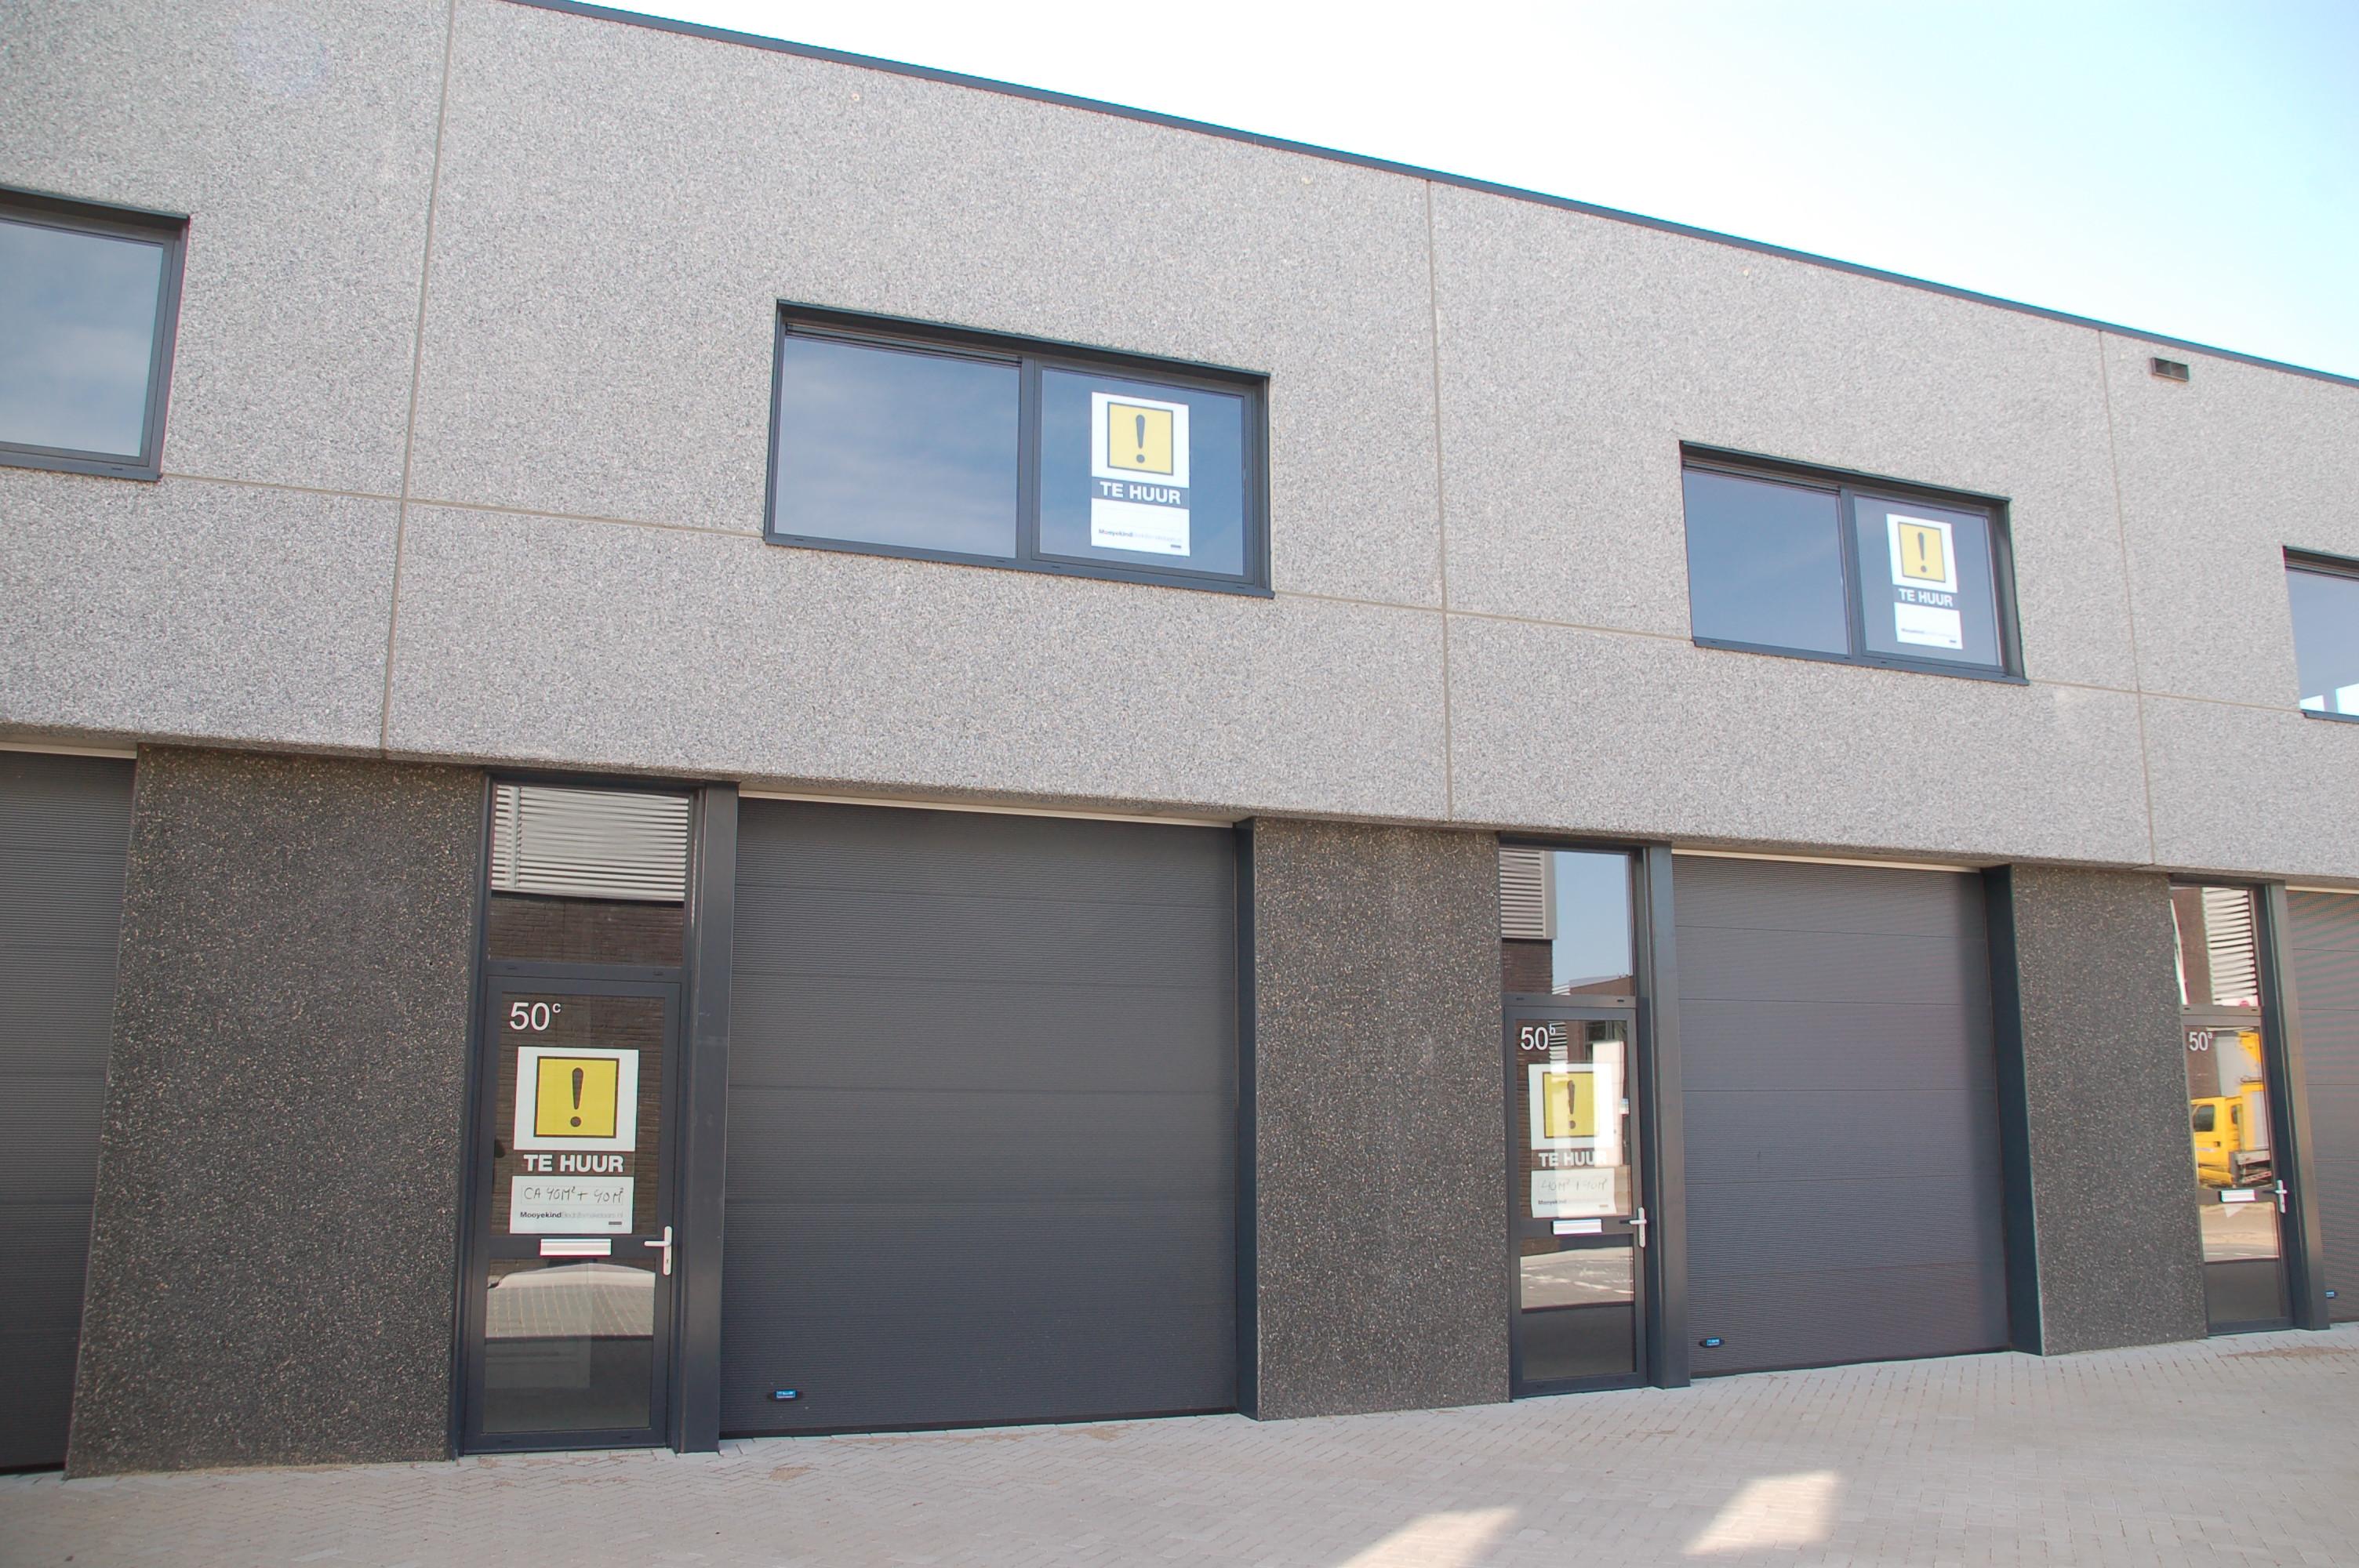 Vennestraat 50b Lisse (bouwnummer K-22)